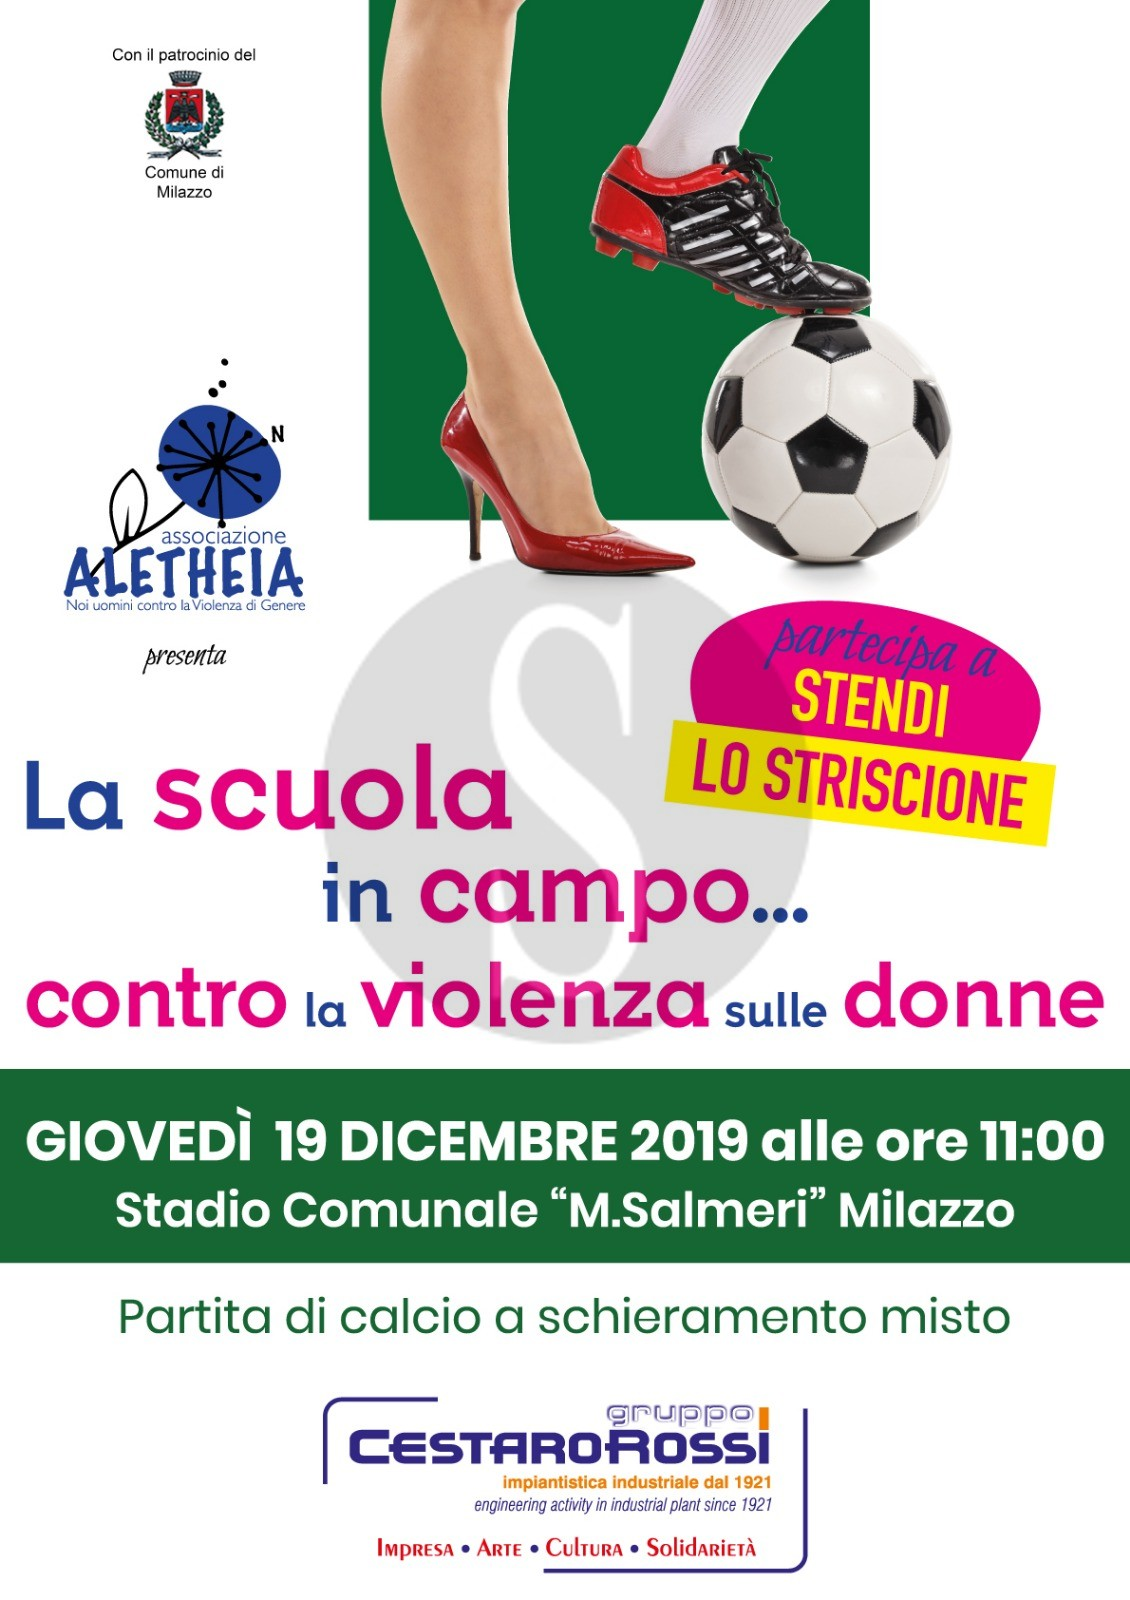 Le scuole superiori di Milazzo in campo contro la violenza sulle donne